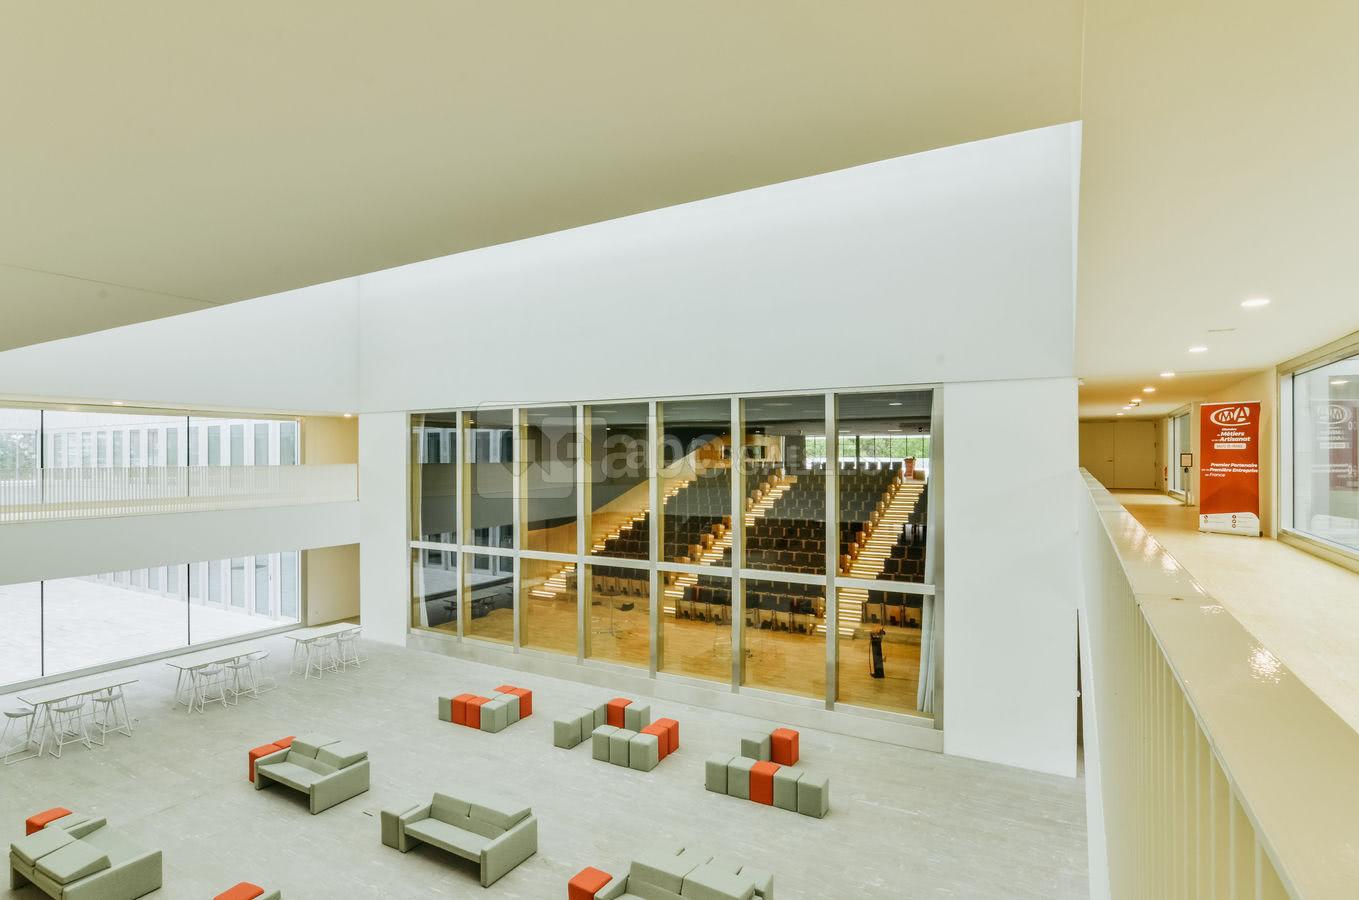 Chambre De Métiers Et D'Artisanat Hauts-De-France - Abc Salles intérieur Chambre Des Métiers Toulouse